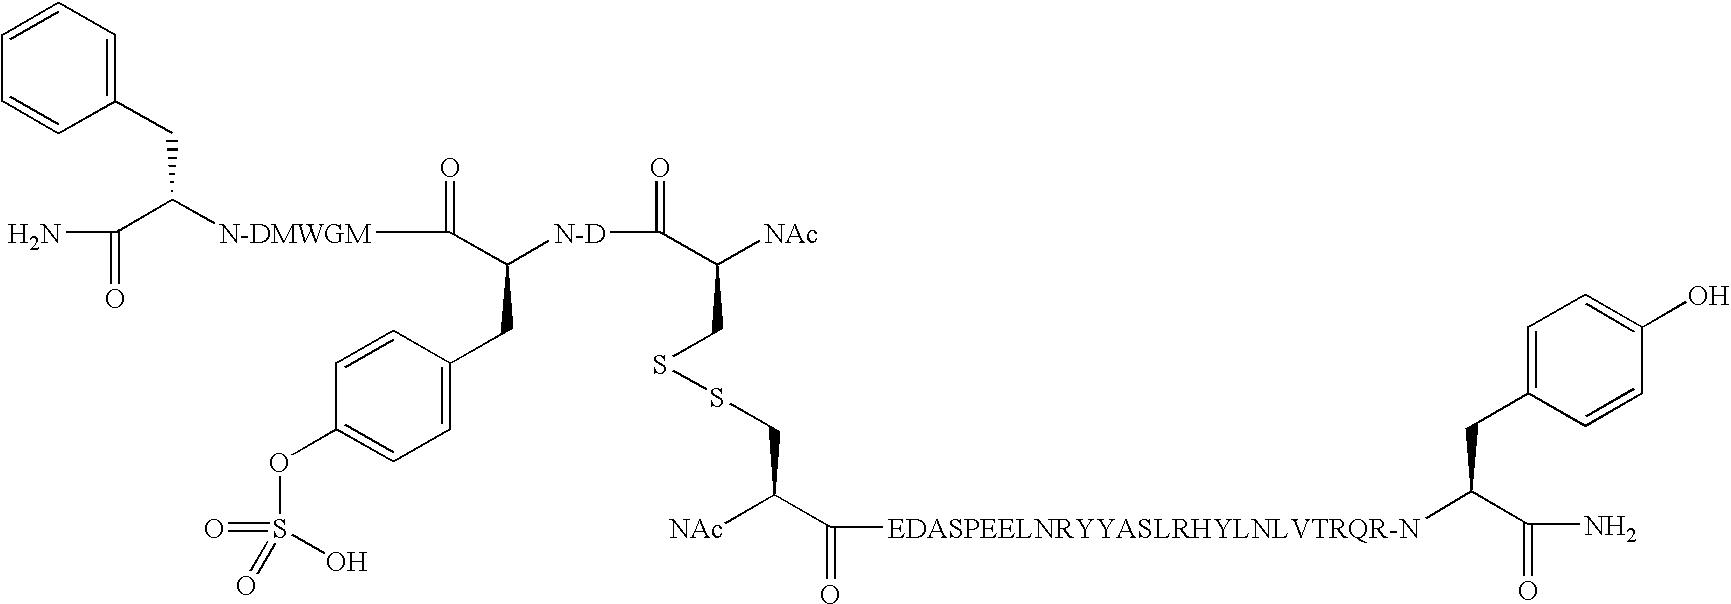 Figure US20090286723A1-20091119-C00006